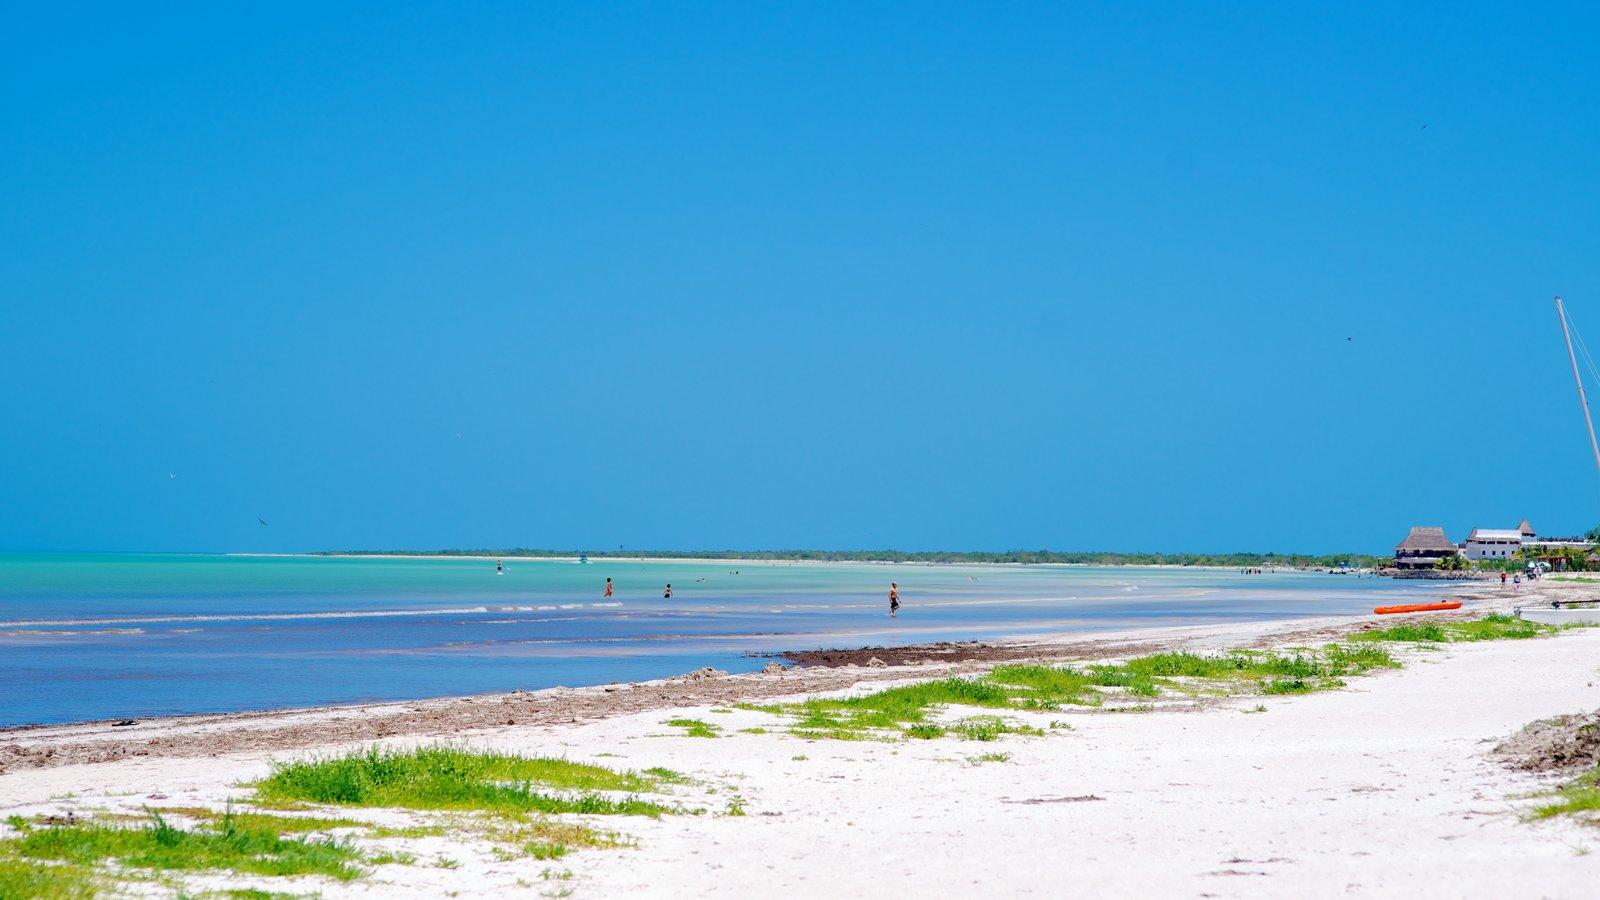 Holbox mostrando una playa de arena y vistas de paisajes